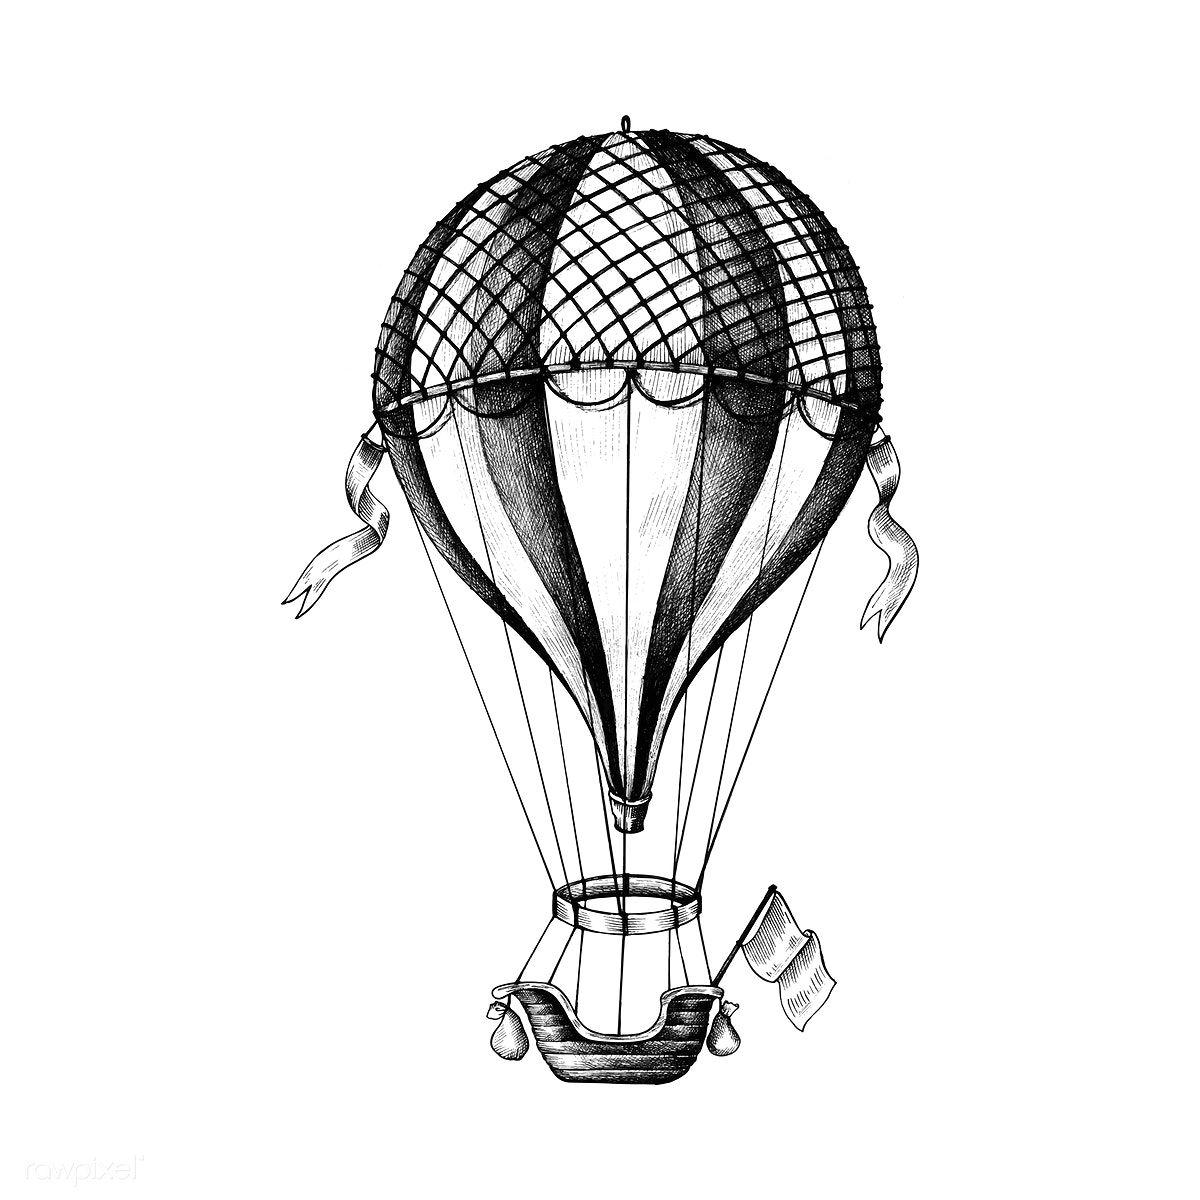 Hand Drawn Hot Air Balloon Premium Image By Rawpixel Com Hot Air Balloon Drawing Hot Air Balloons Art Air Balloon Tattoo